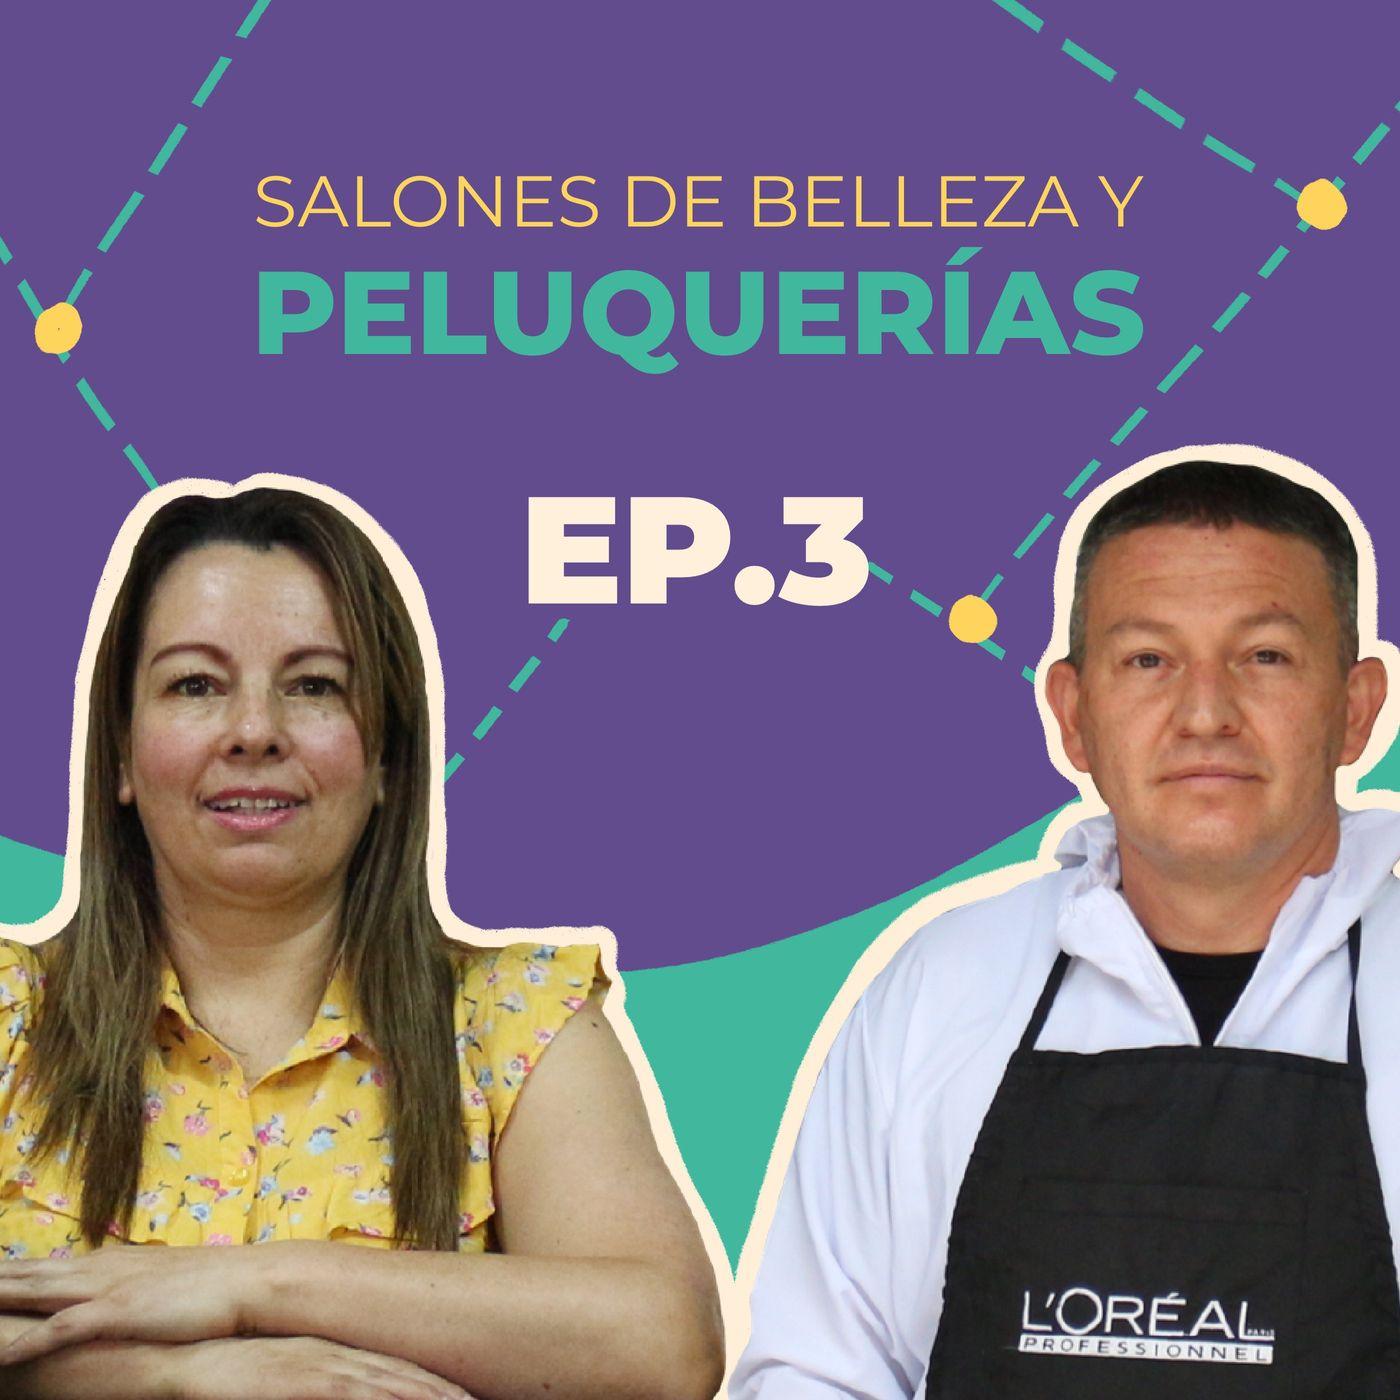 Peluquerías y Salones de belleza en Bogotá | Bacatáfono: Historia entre-tiendas | EP3.T2